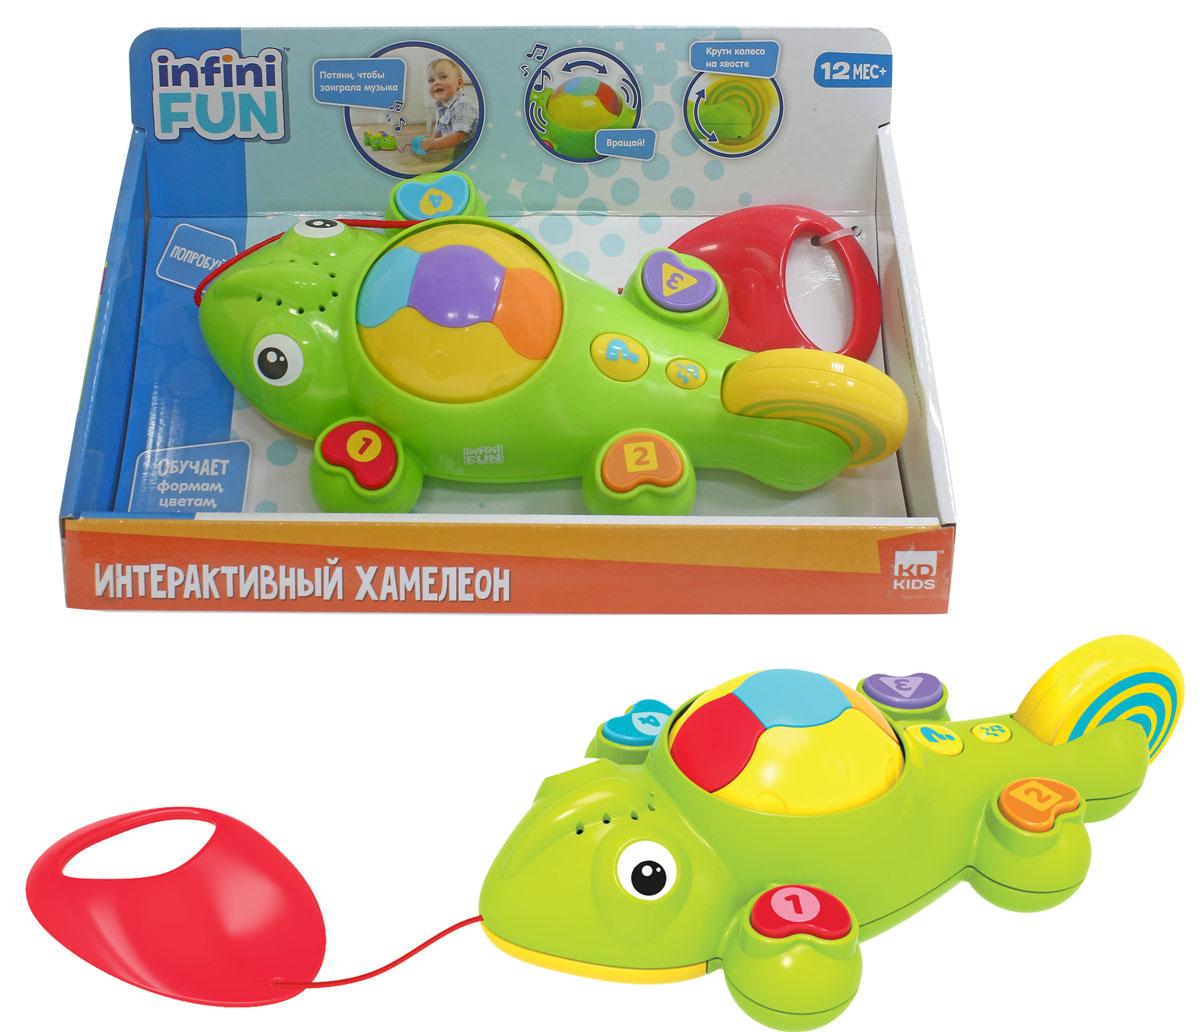 купить 1TOY Игрушка-каталка Kidz Delight Интерактивный хамелеон по цене 630 рублей